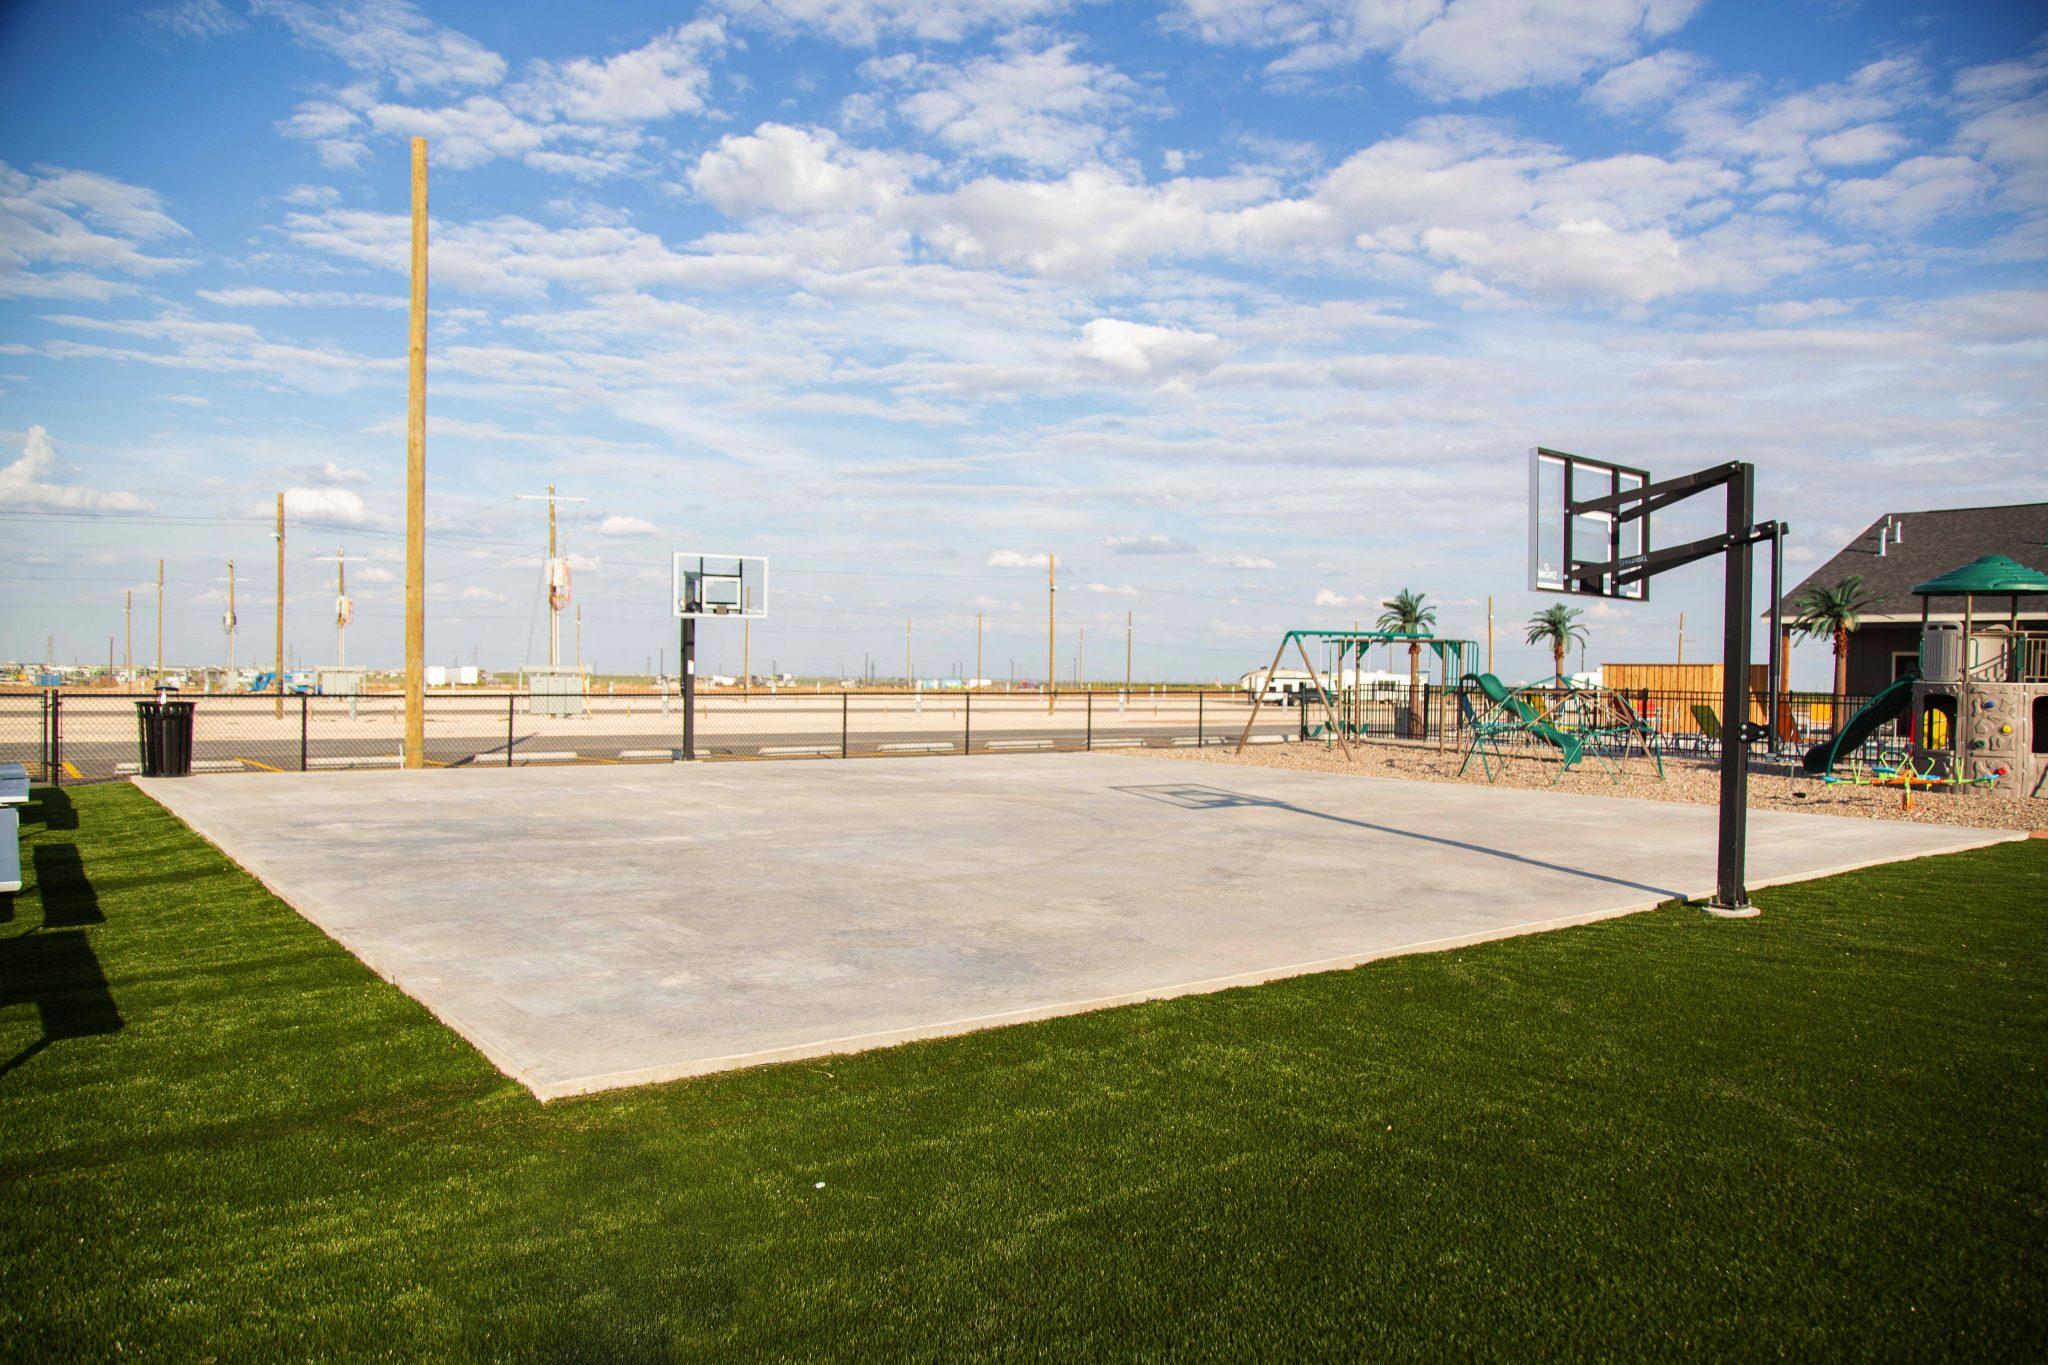 Park Place RV Park Odessa, TX 79766 - basketball